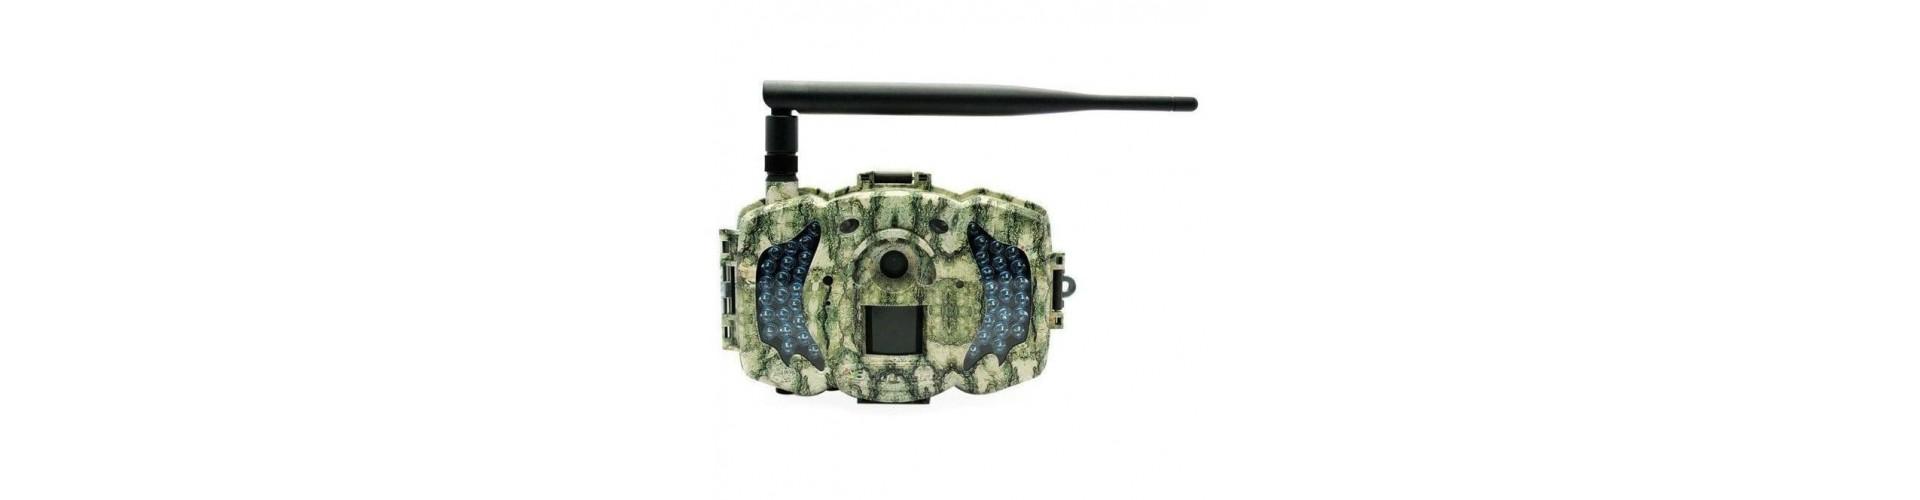 Vildtkamera | Køb Vildtkamera & Simkort Online Her